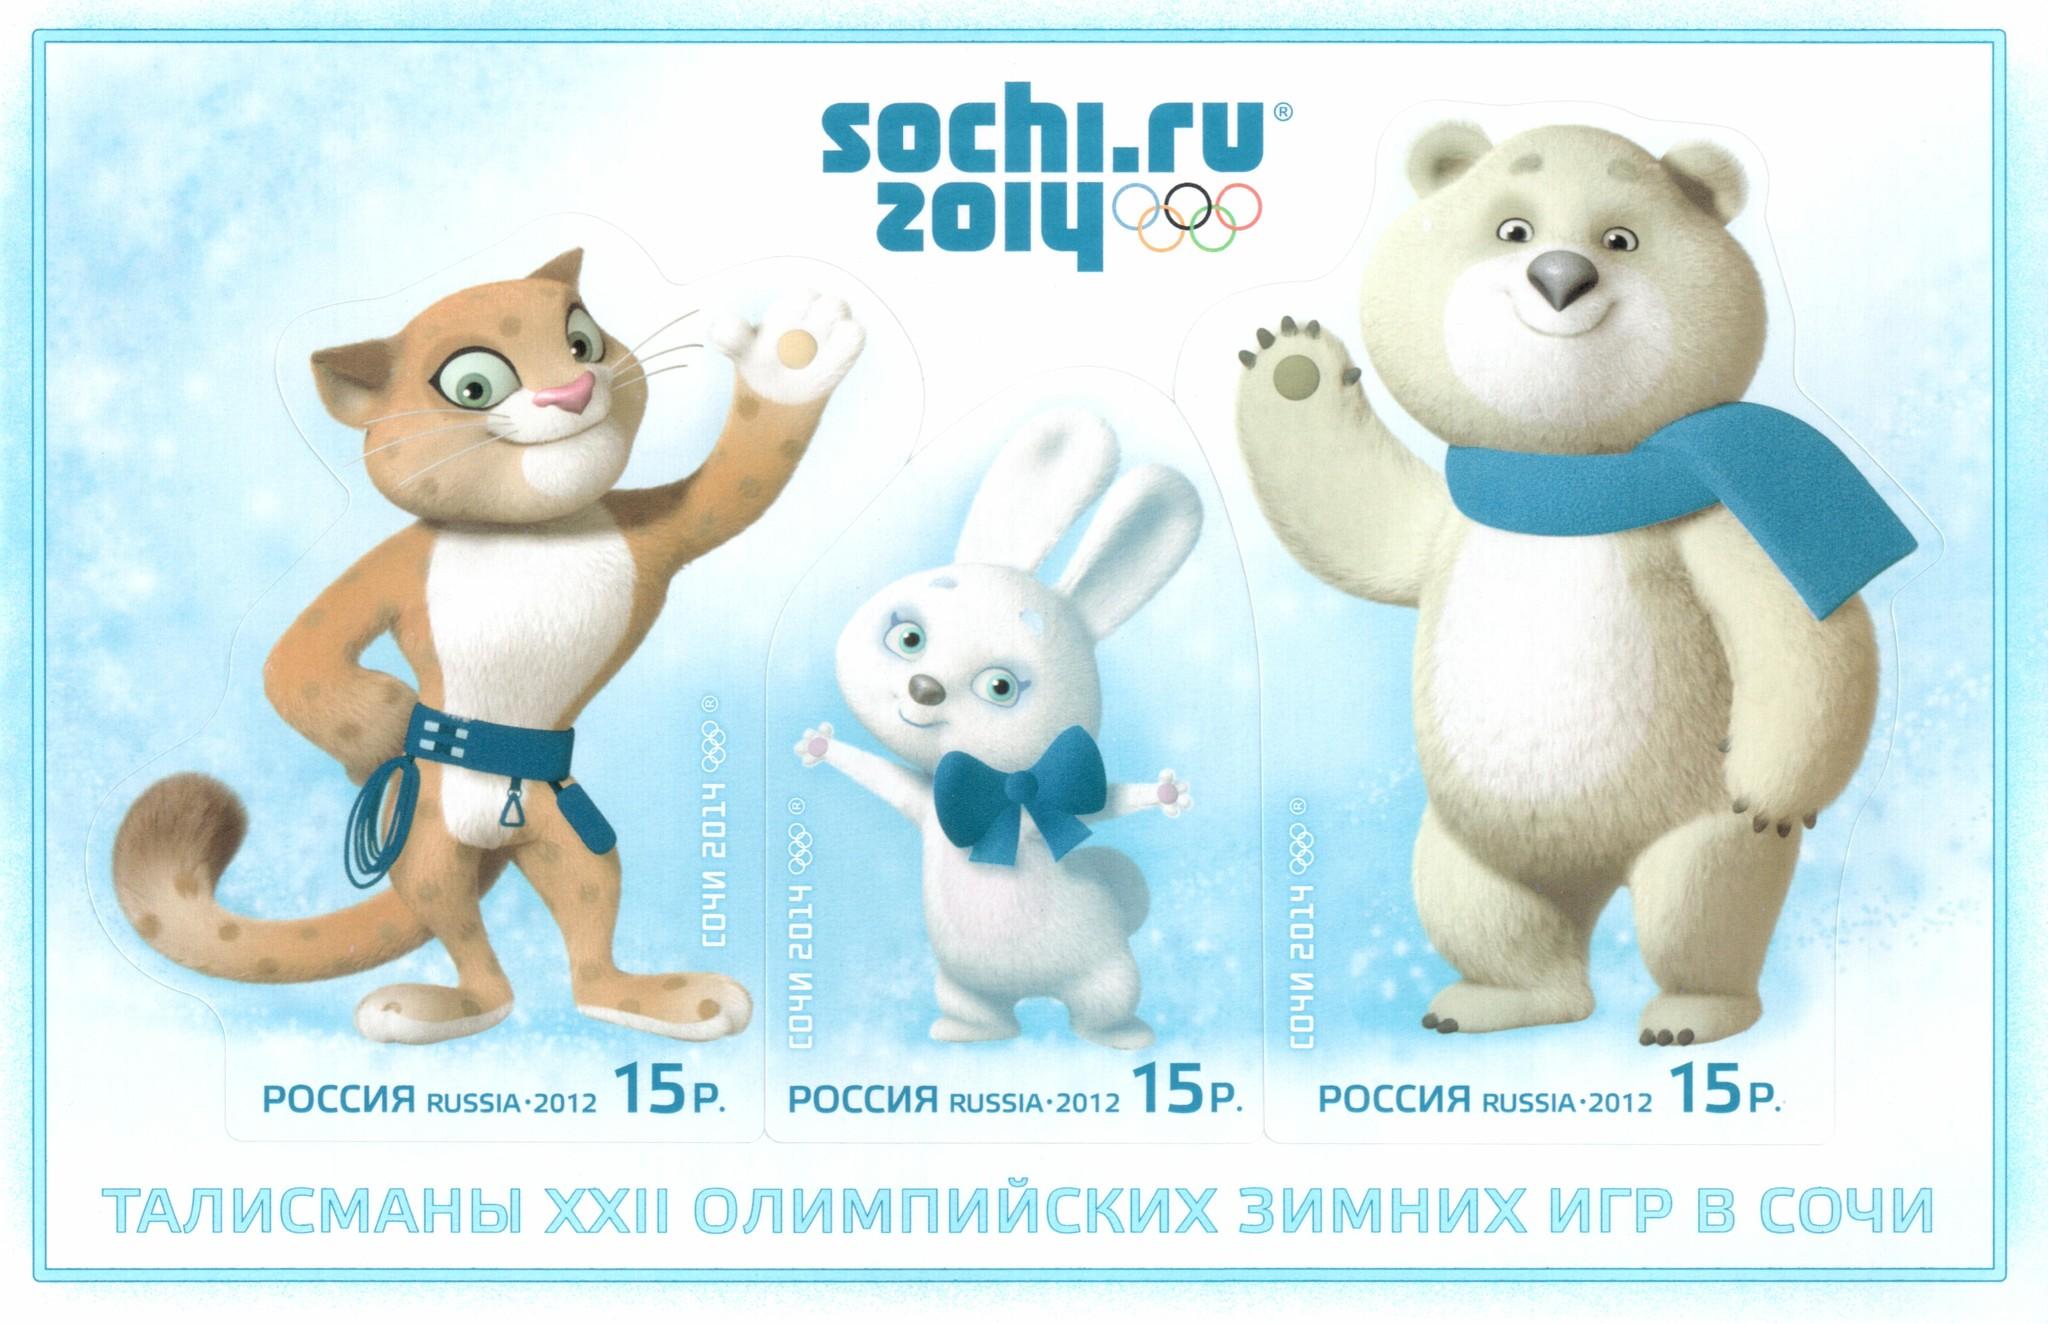 Талисманы XXII олимпийских зимних игр в Сочи